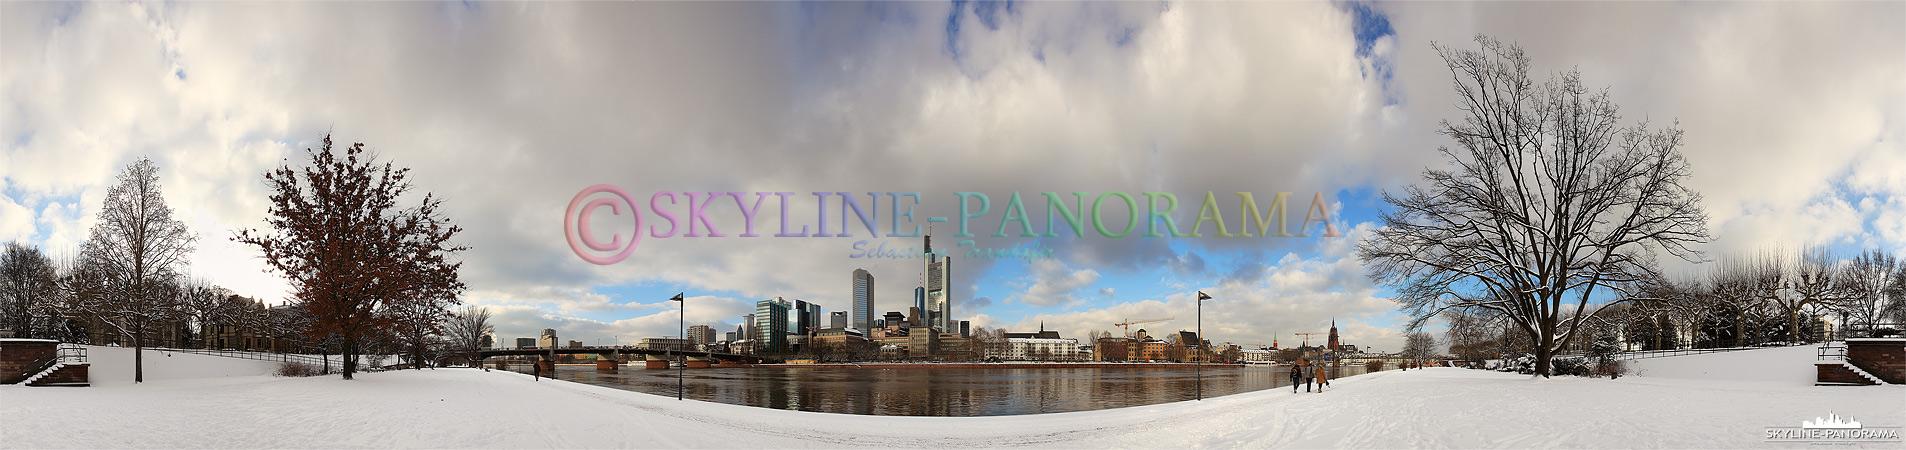 Ein winterlich verschneiter Blick auf die Frankfurter Skyline vom Mainufer aus als 360° Panorama Bild fotografiert.